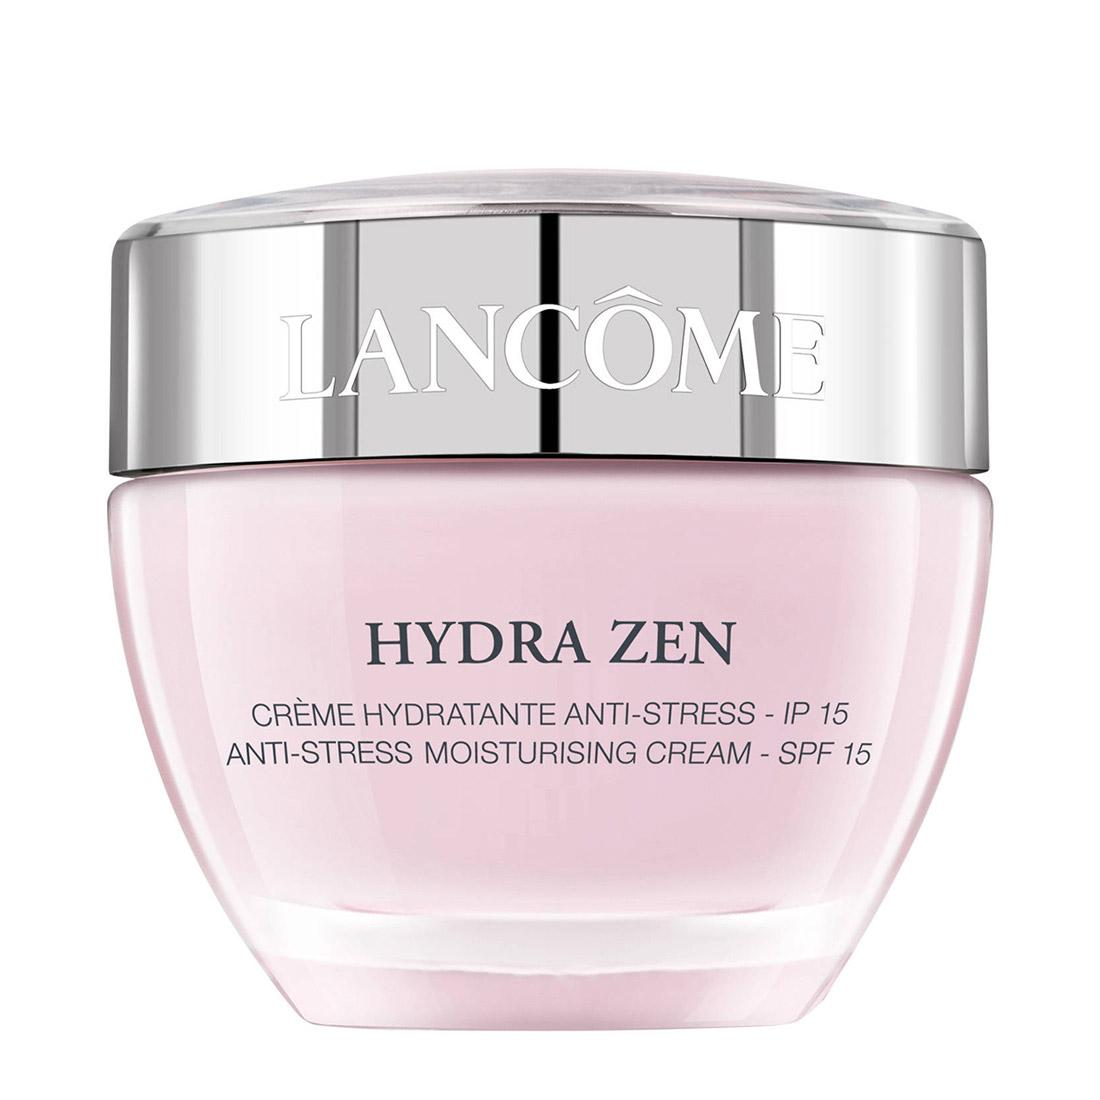 Hydra Zen Crème SPF 15 - Lancôme